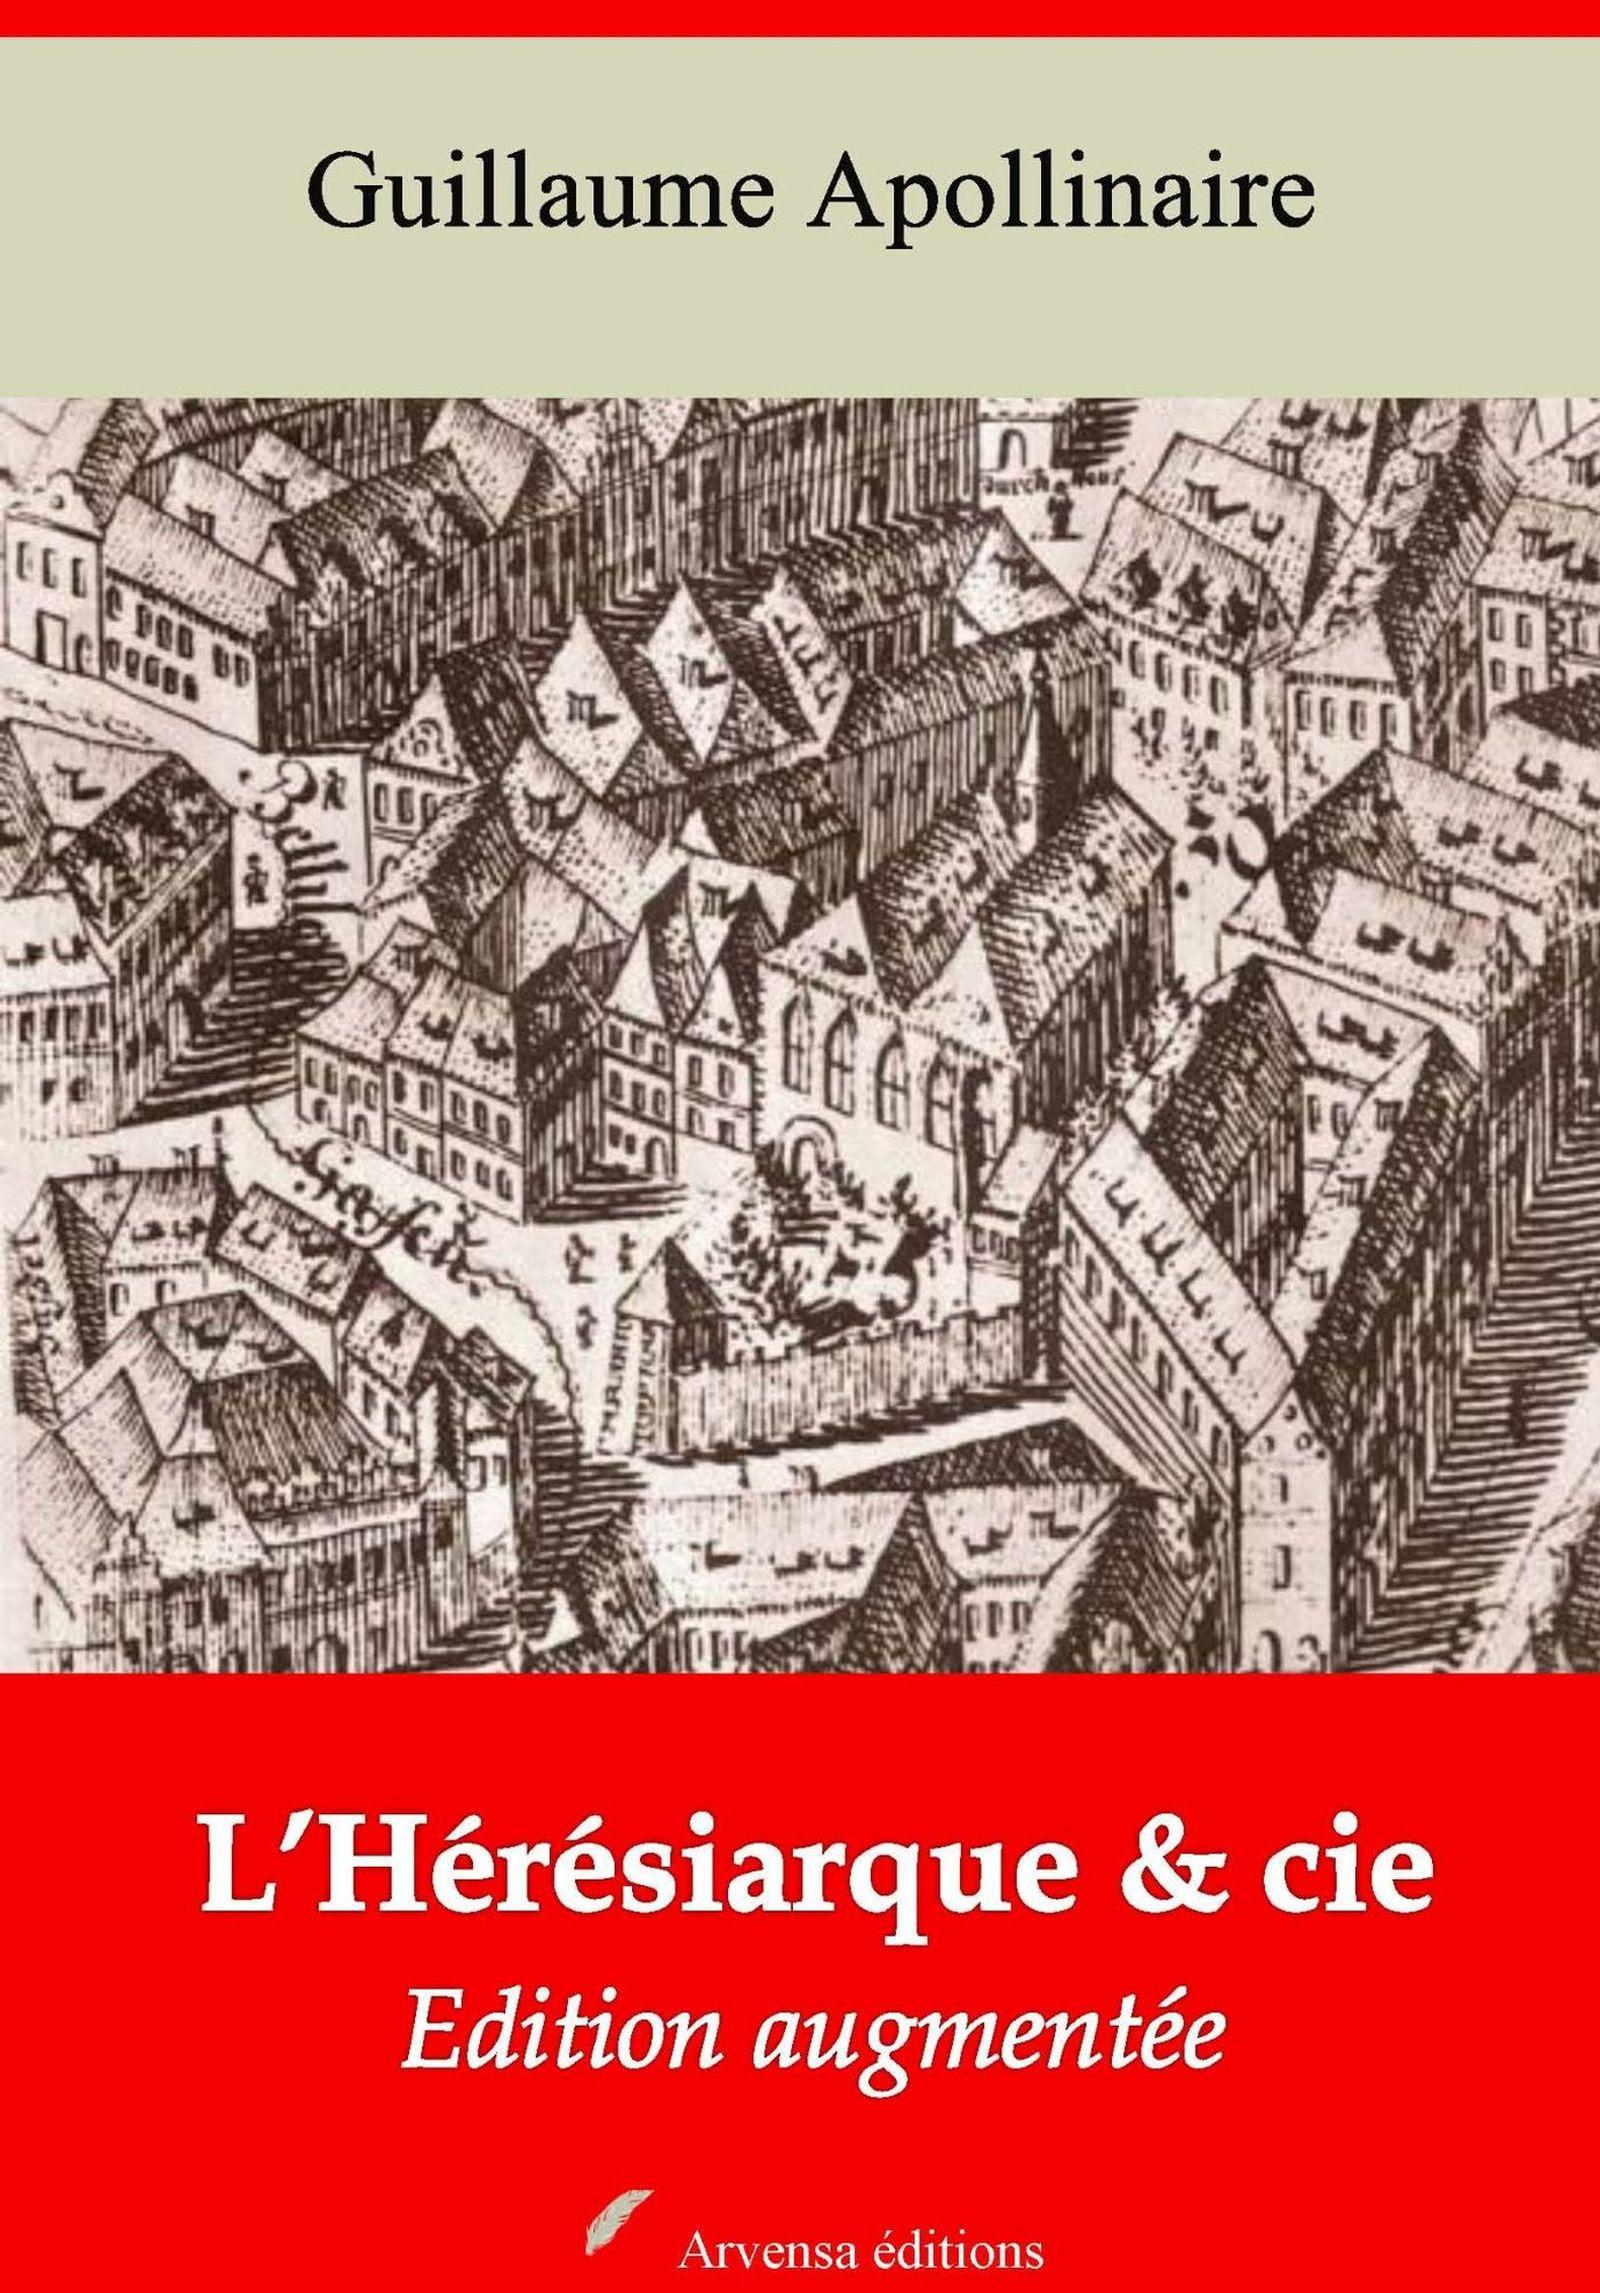 L'Hérésiarque et cie - suivi d'annexes